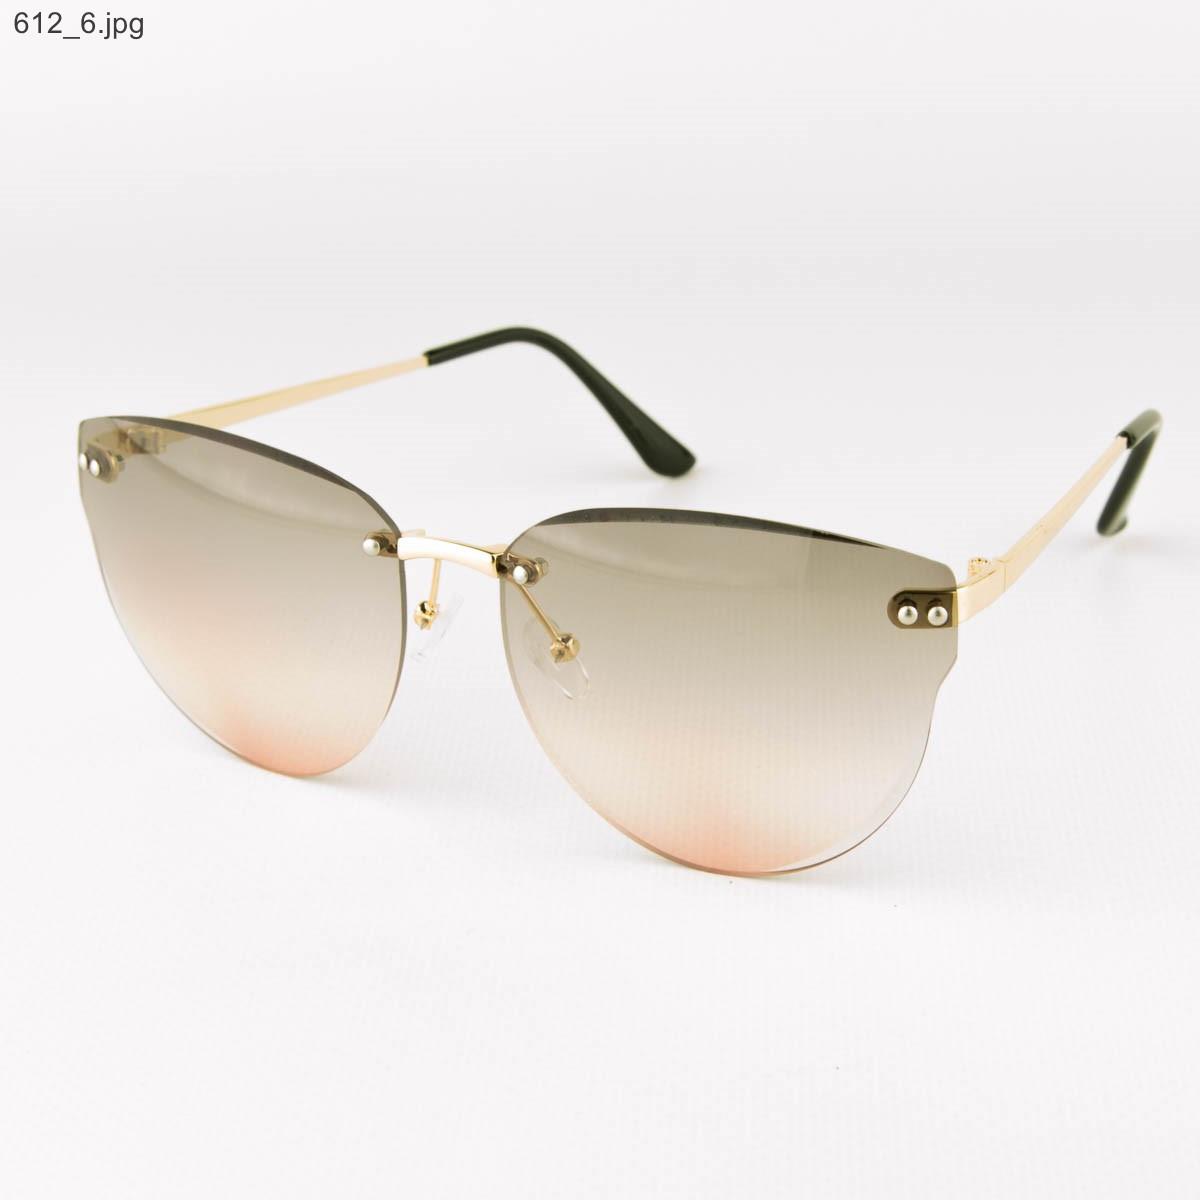 Оптом женские очки солнцезащитные - Серо-розовые - 612